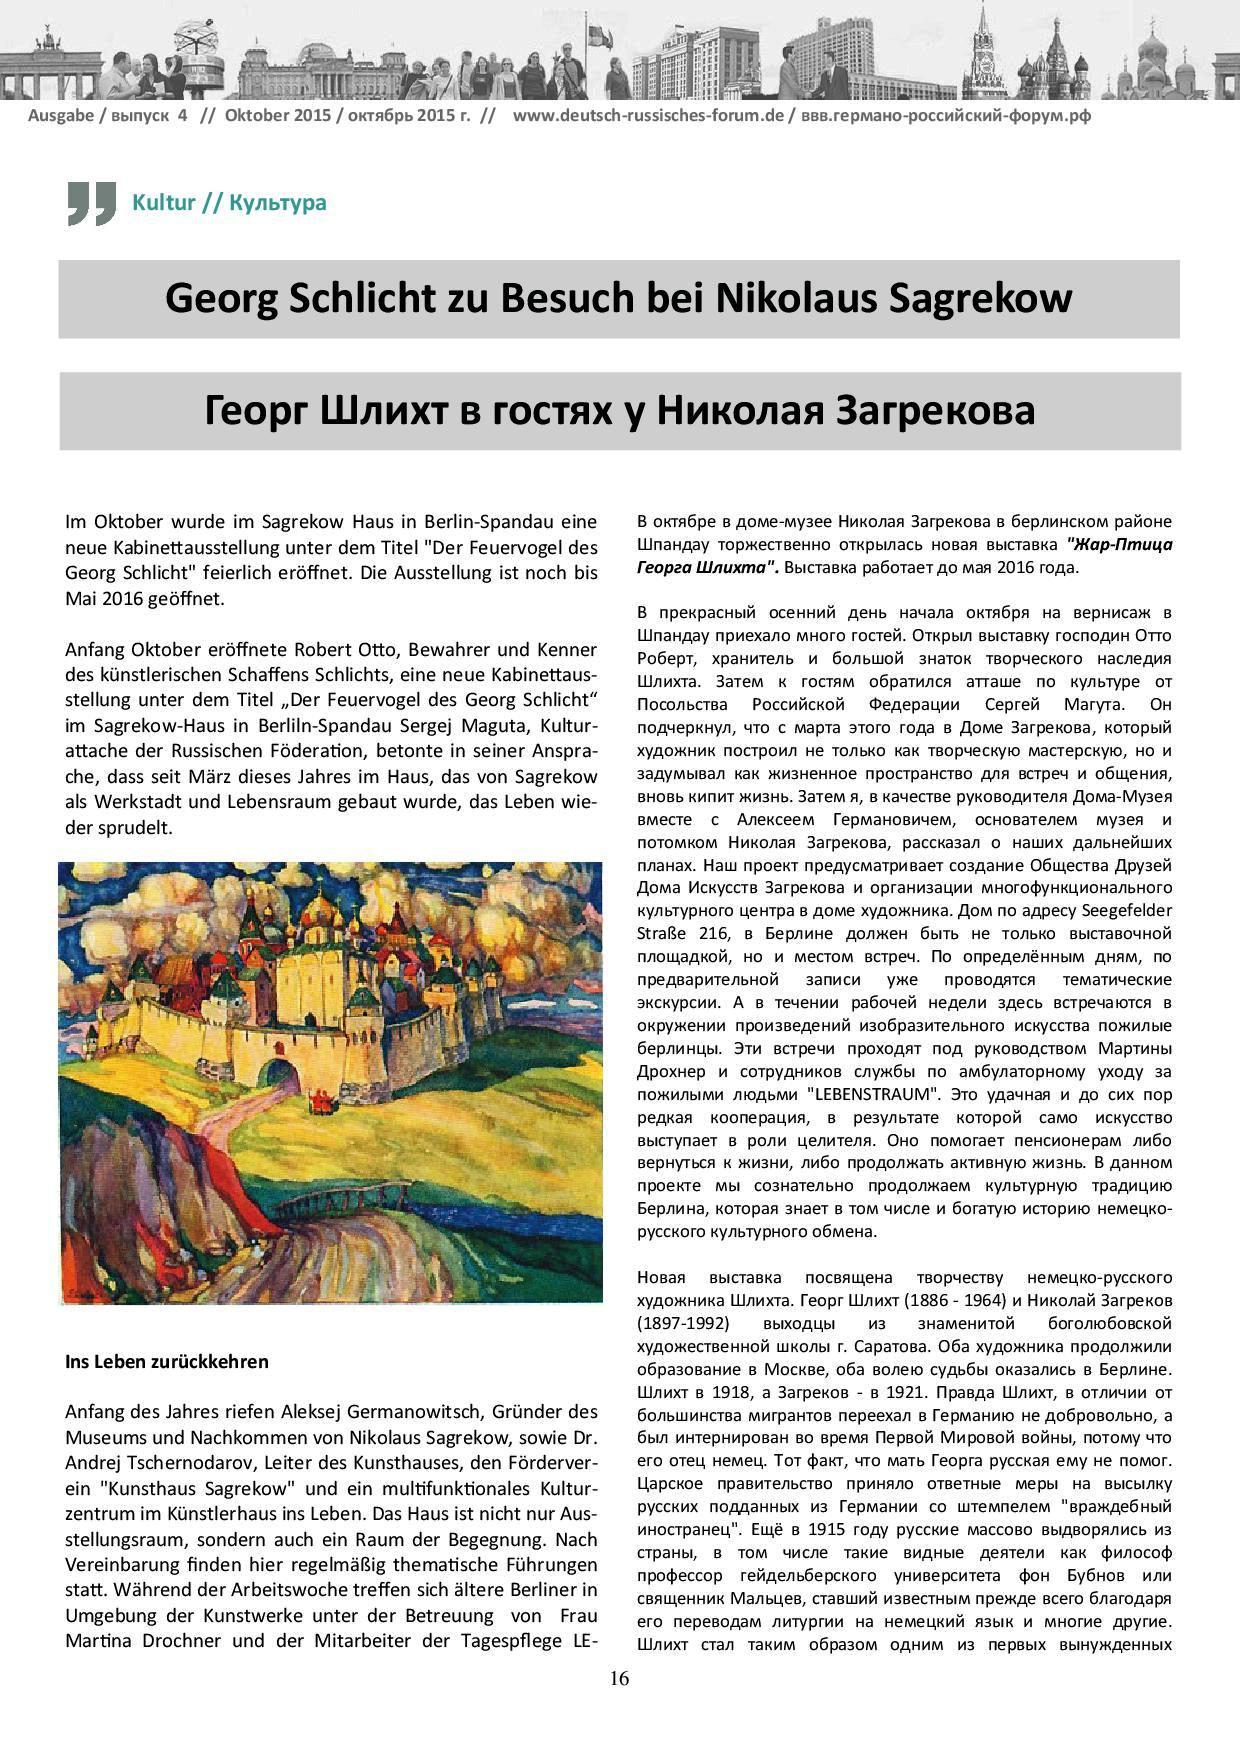 IB_04_2015__16-18 Tchernodarov, A.-Georg Schlicht zu Besuch bei Nikolaus Sagrekow - Kopie Bild-001